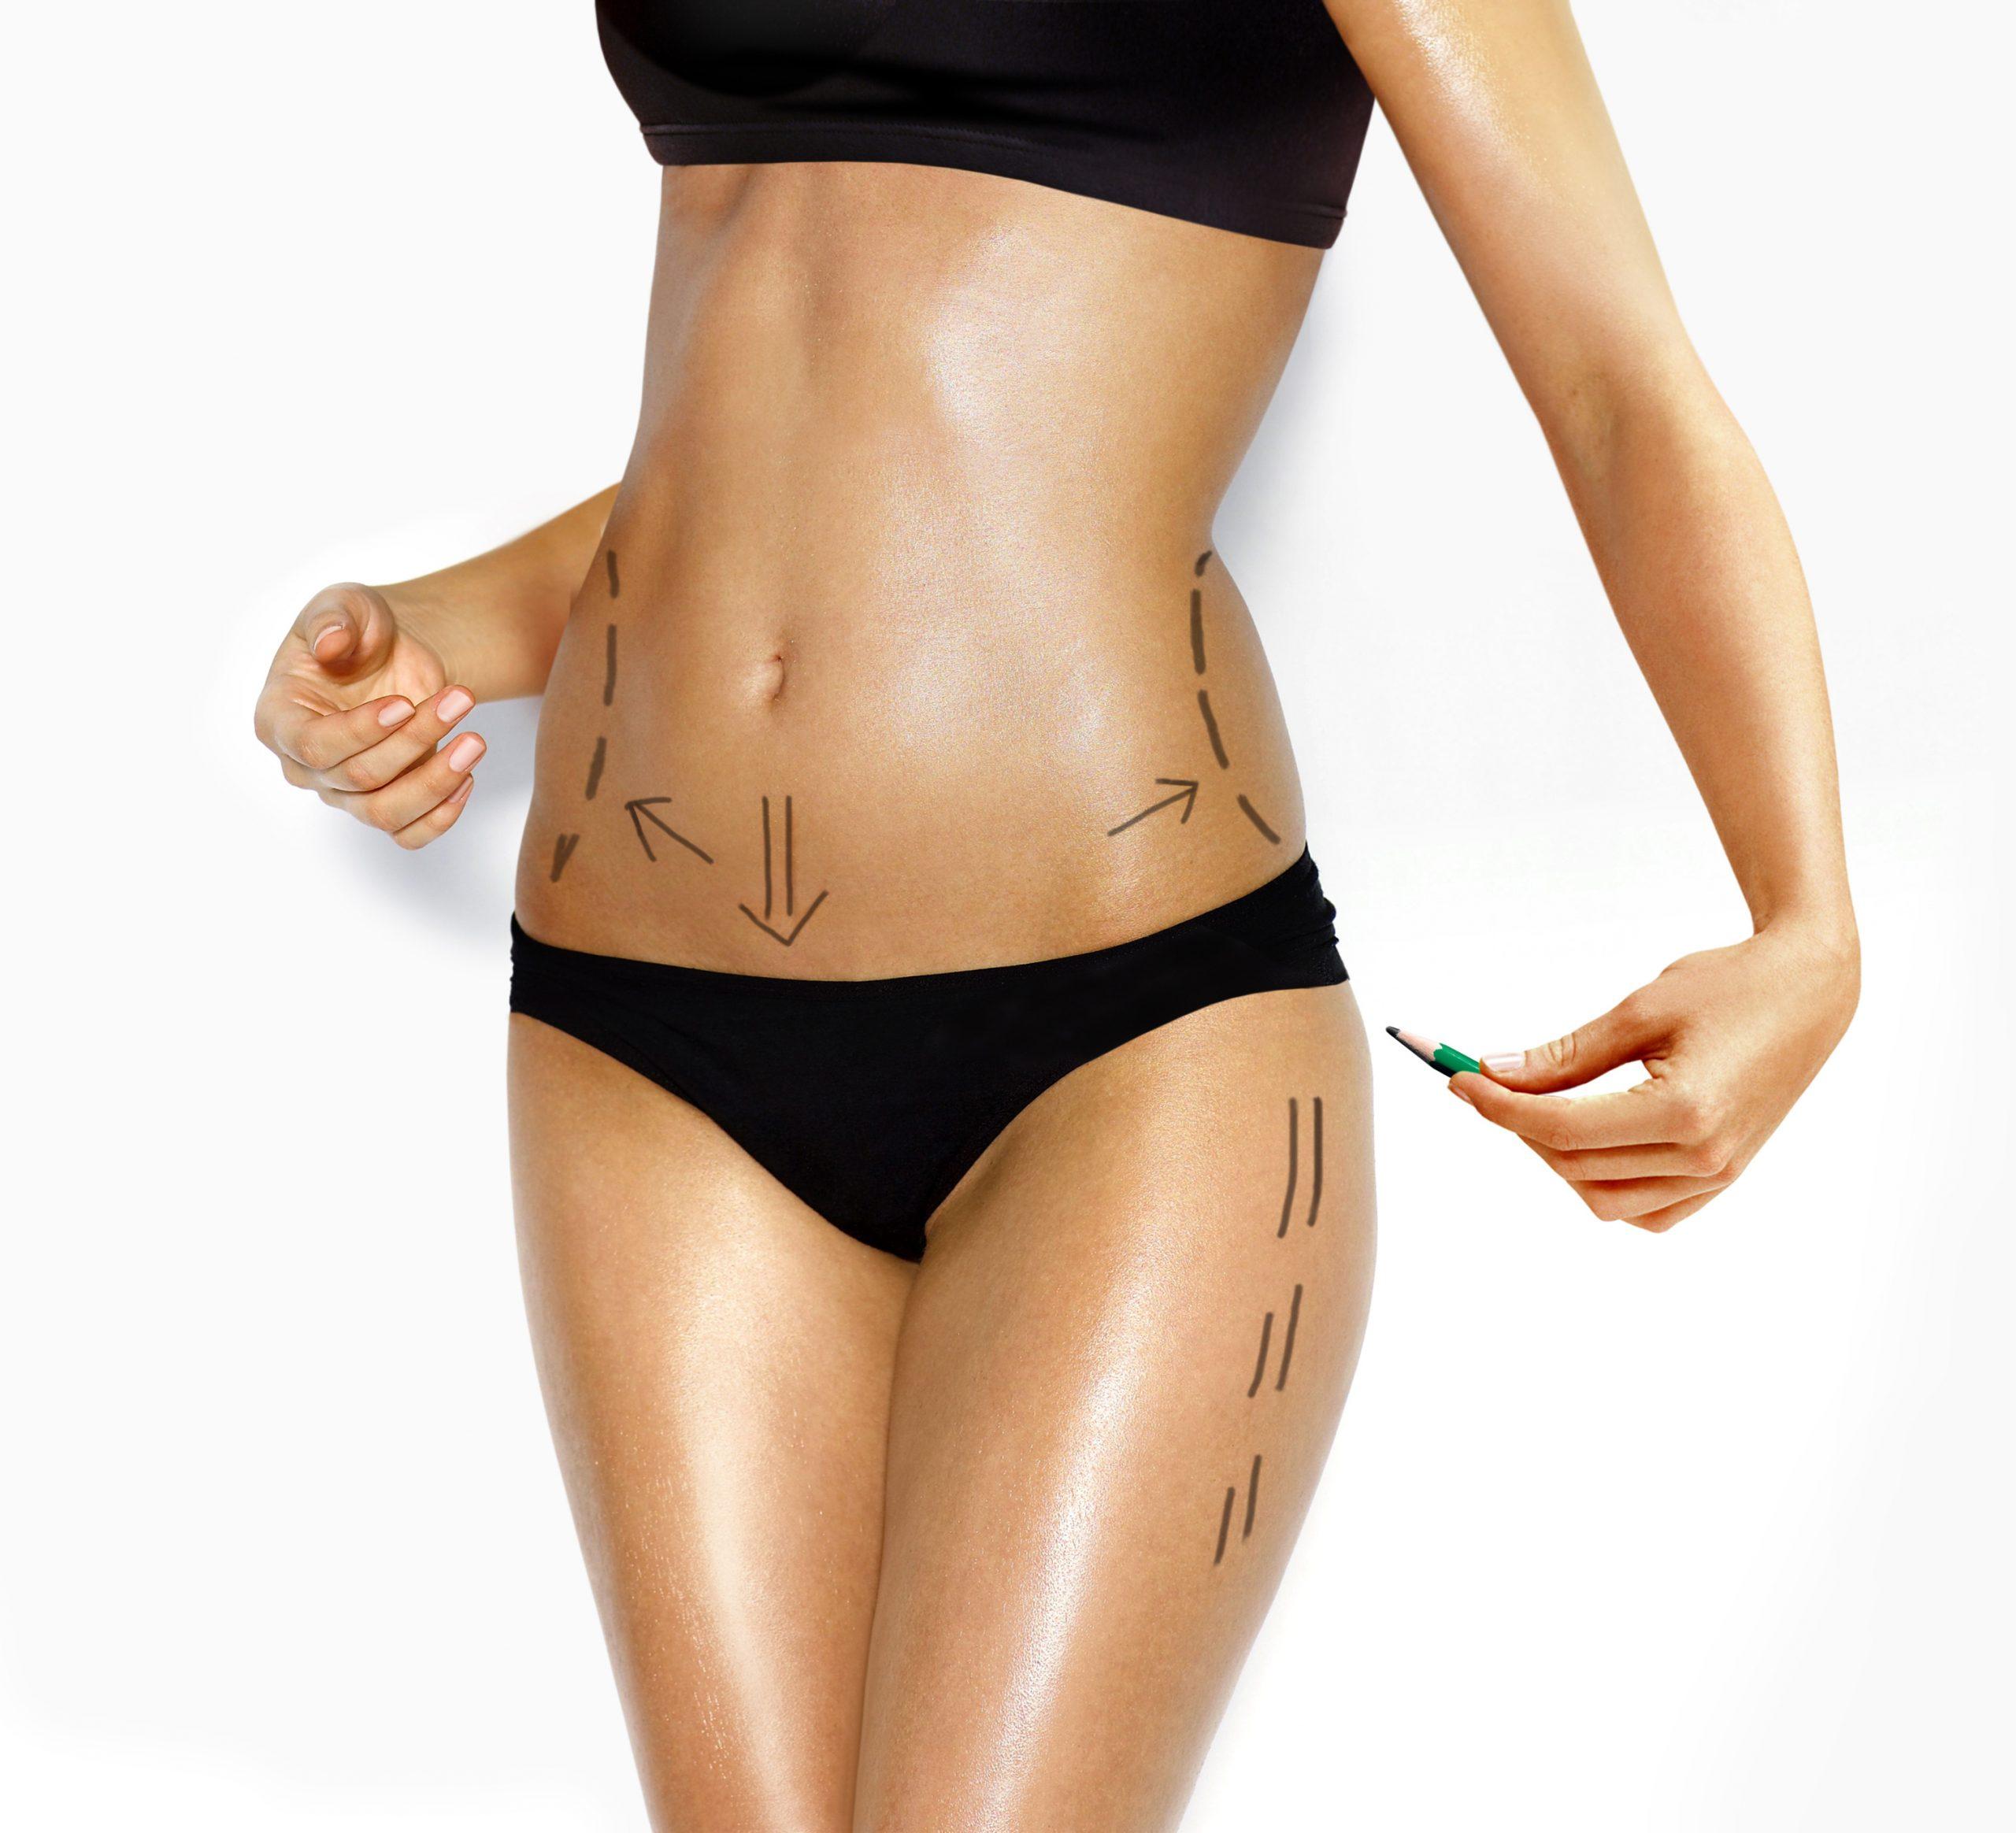 Plastie abdominale ou chirurgie esthétique du ventre